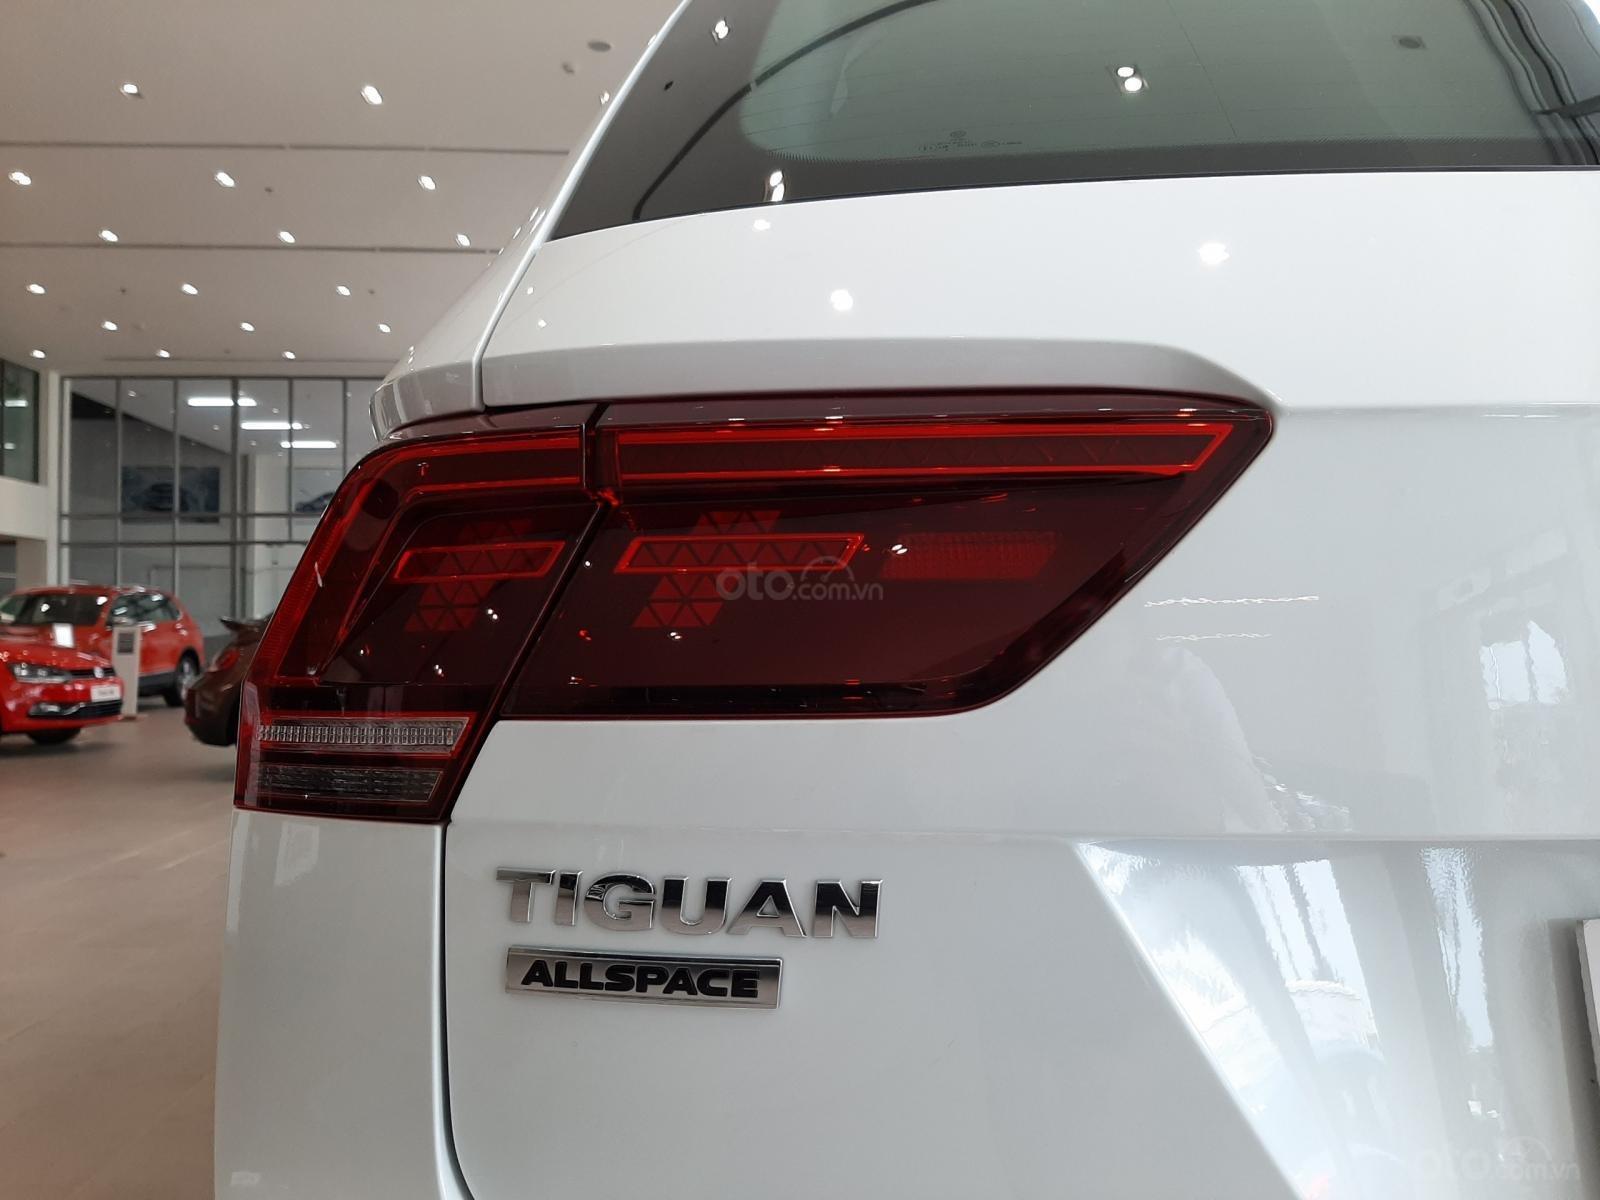 Bán Volkswagen Tiguan trắng ngọc trai 2019 - Hỗ trợ ngân hàng đến 85%-3